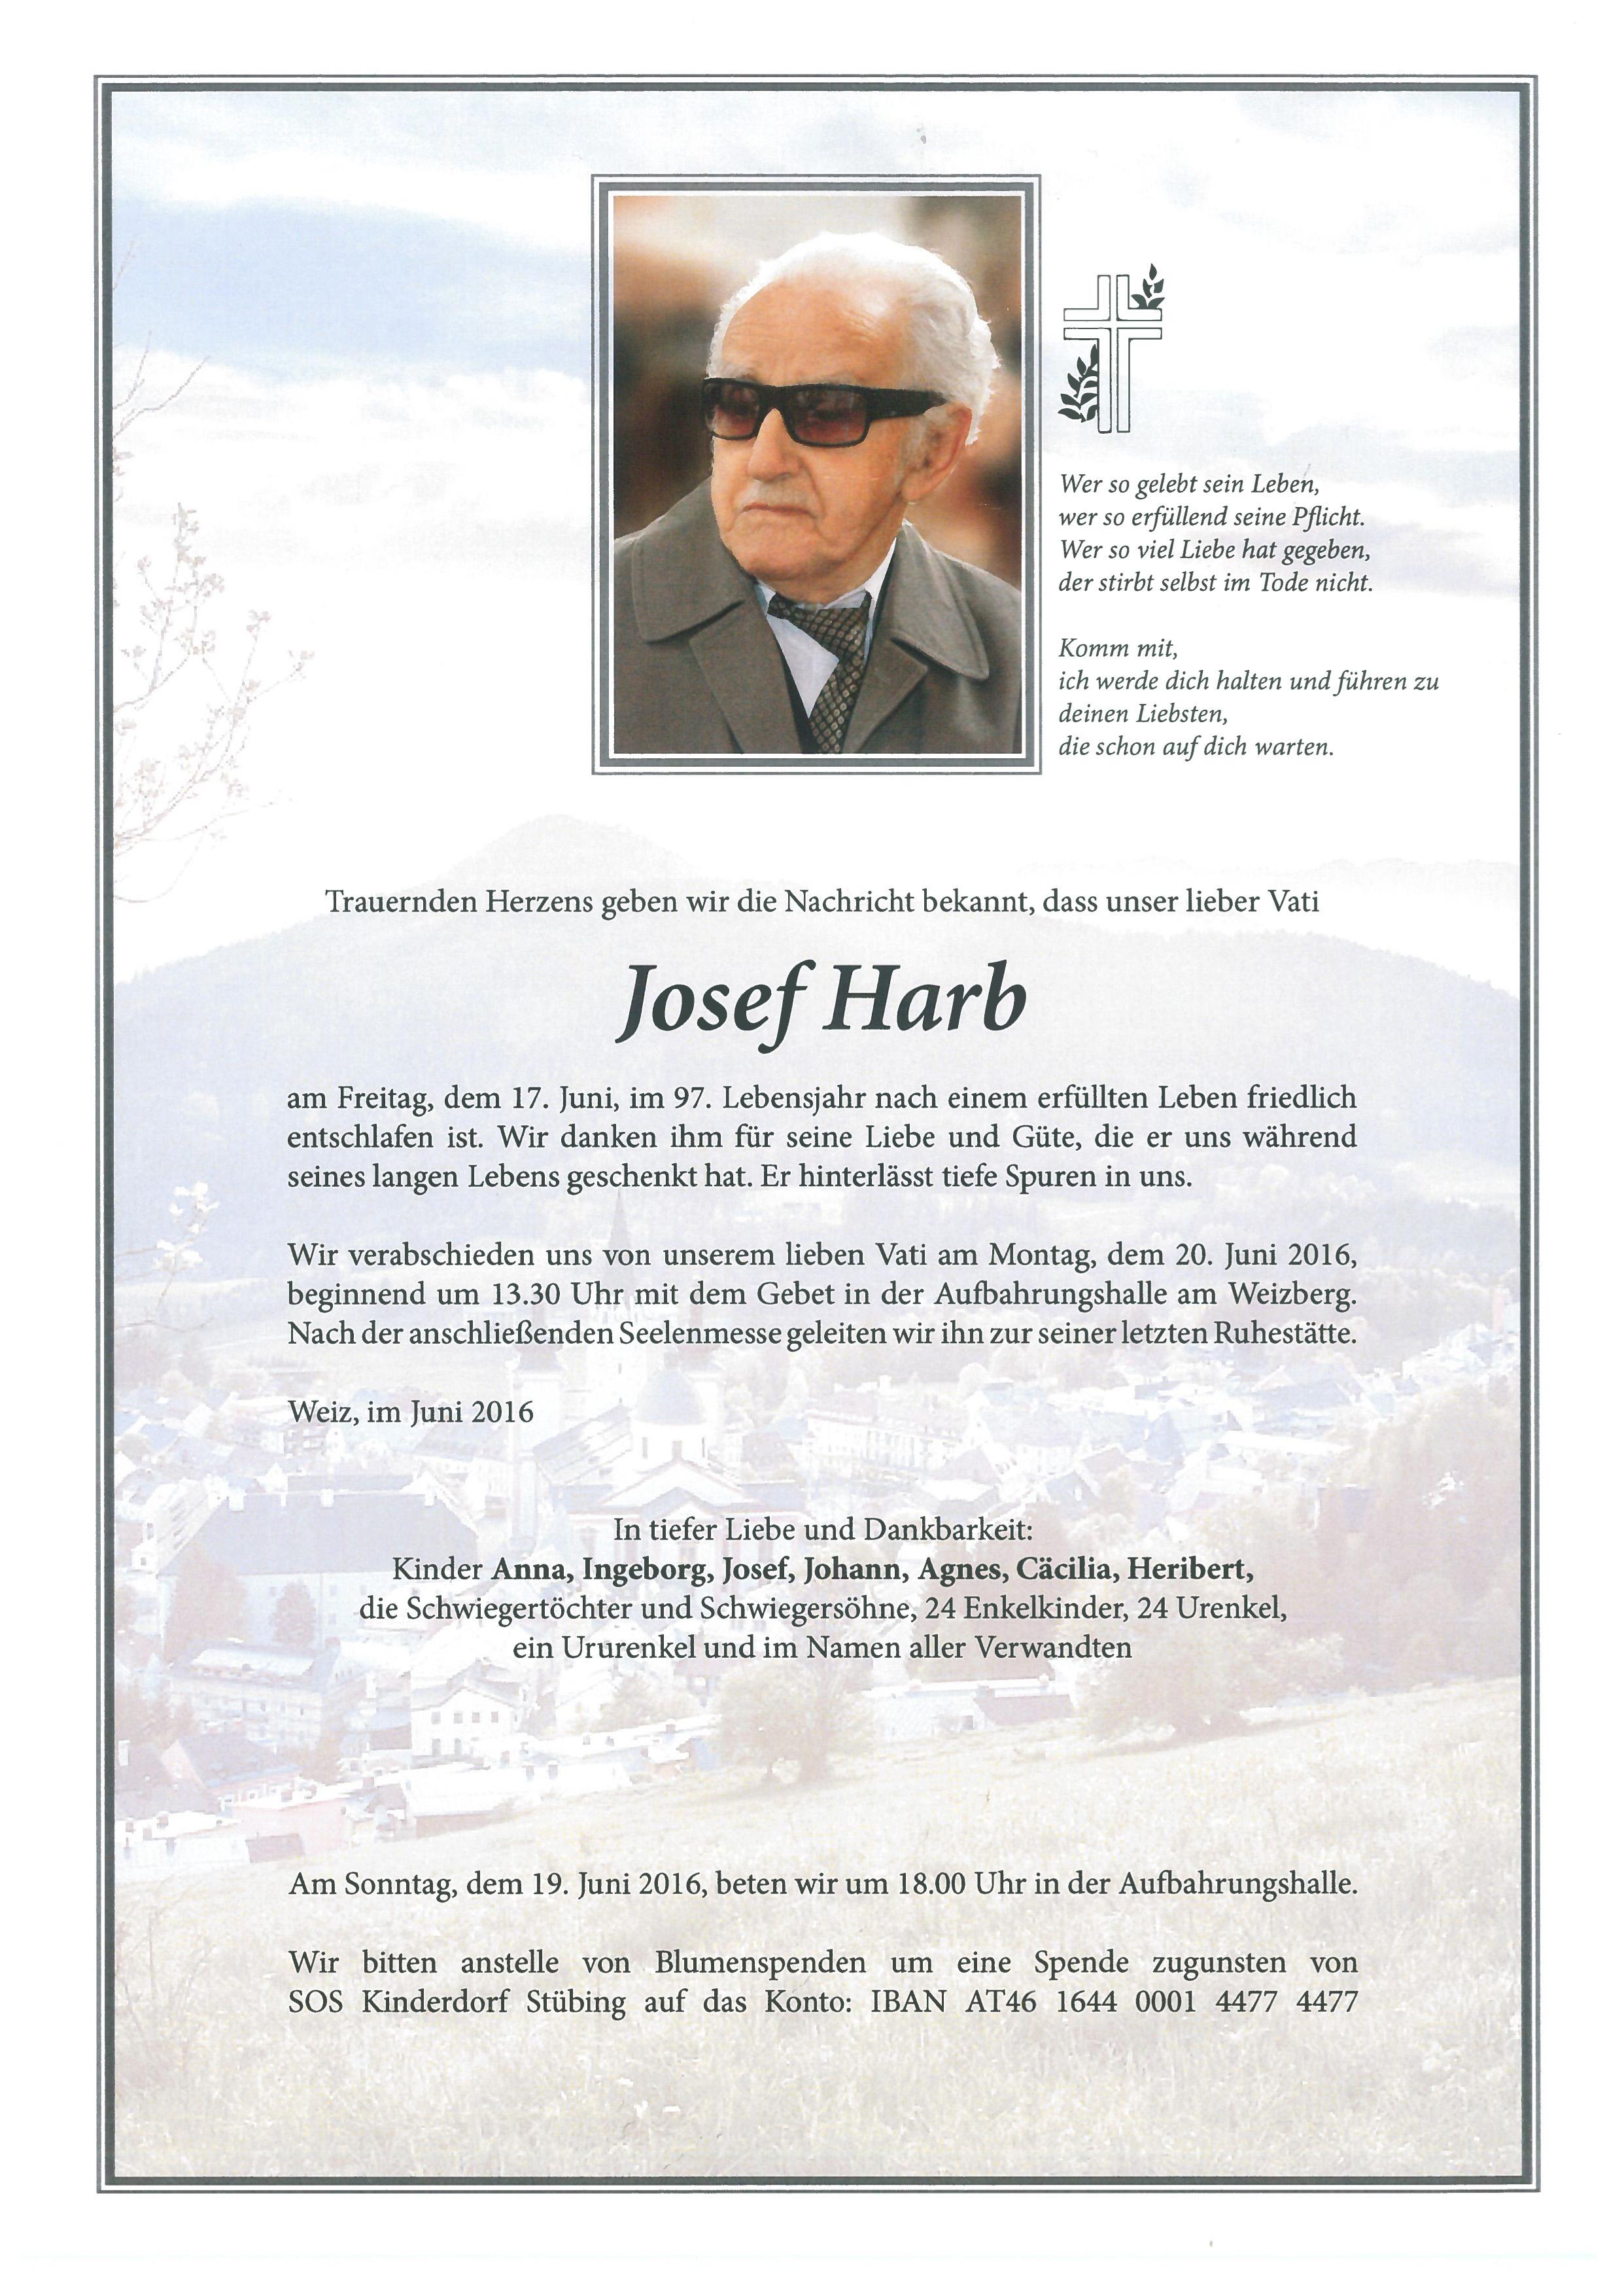 Harb Josef 1